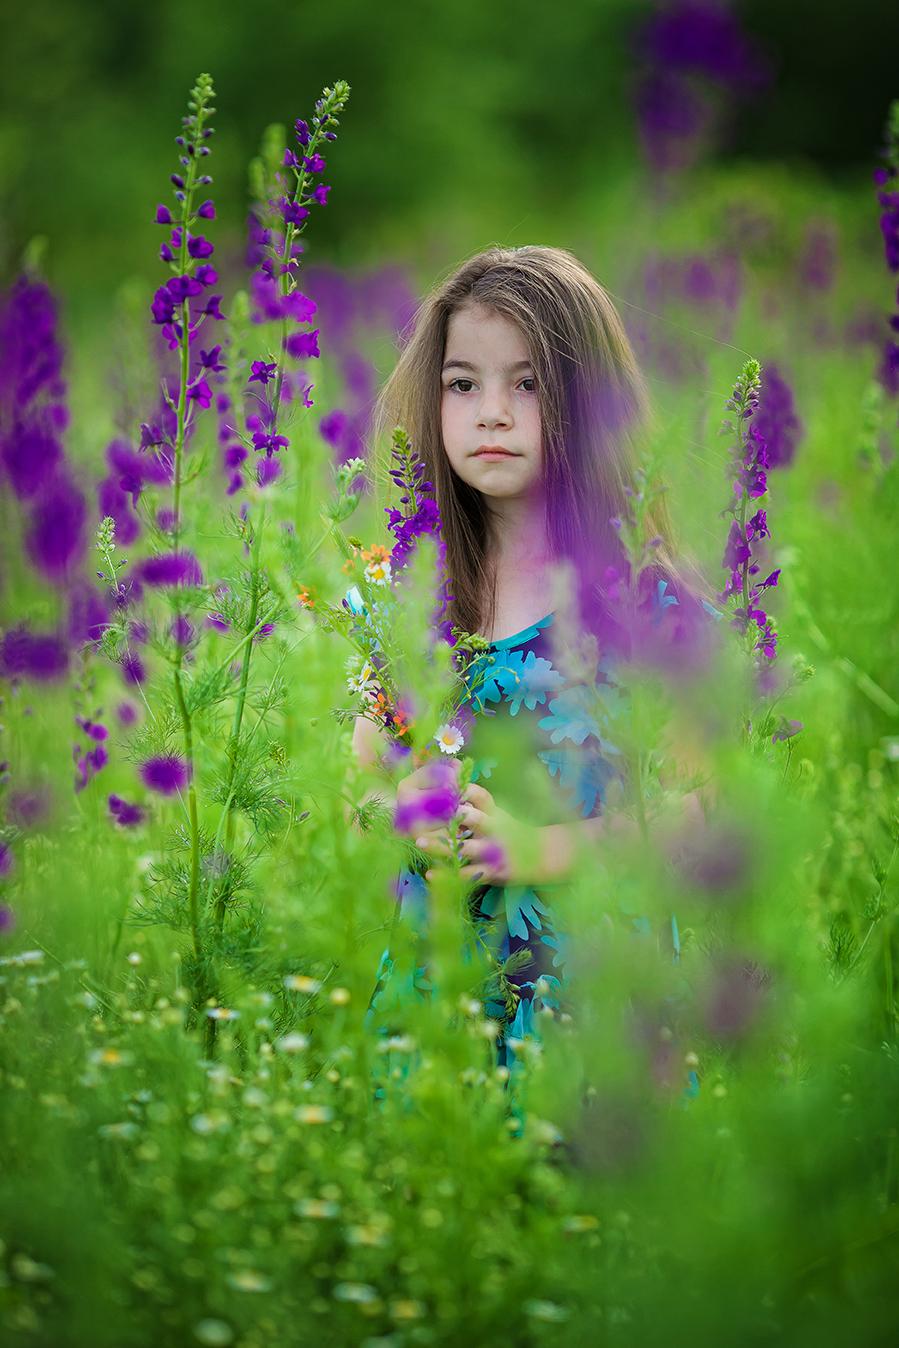 детска фотография (5)